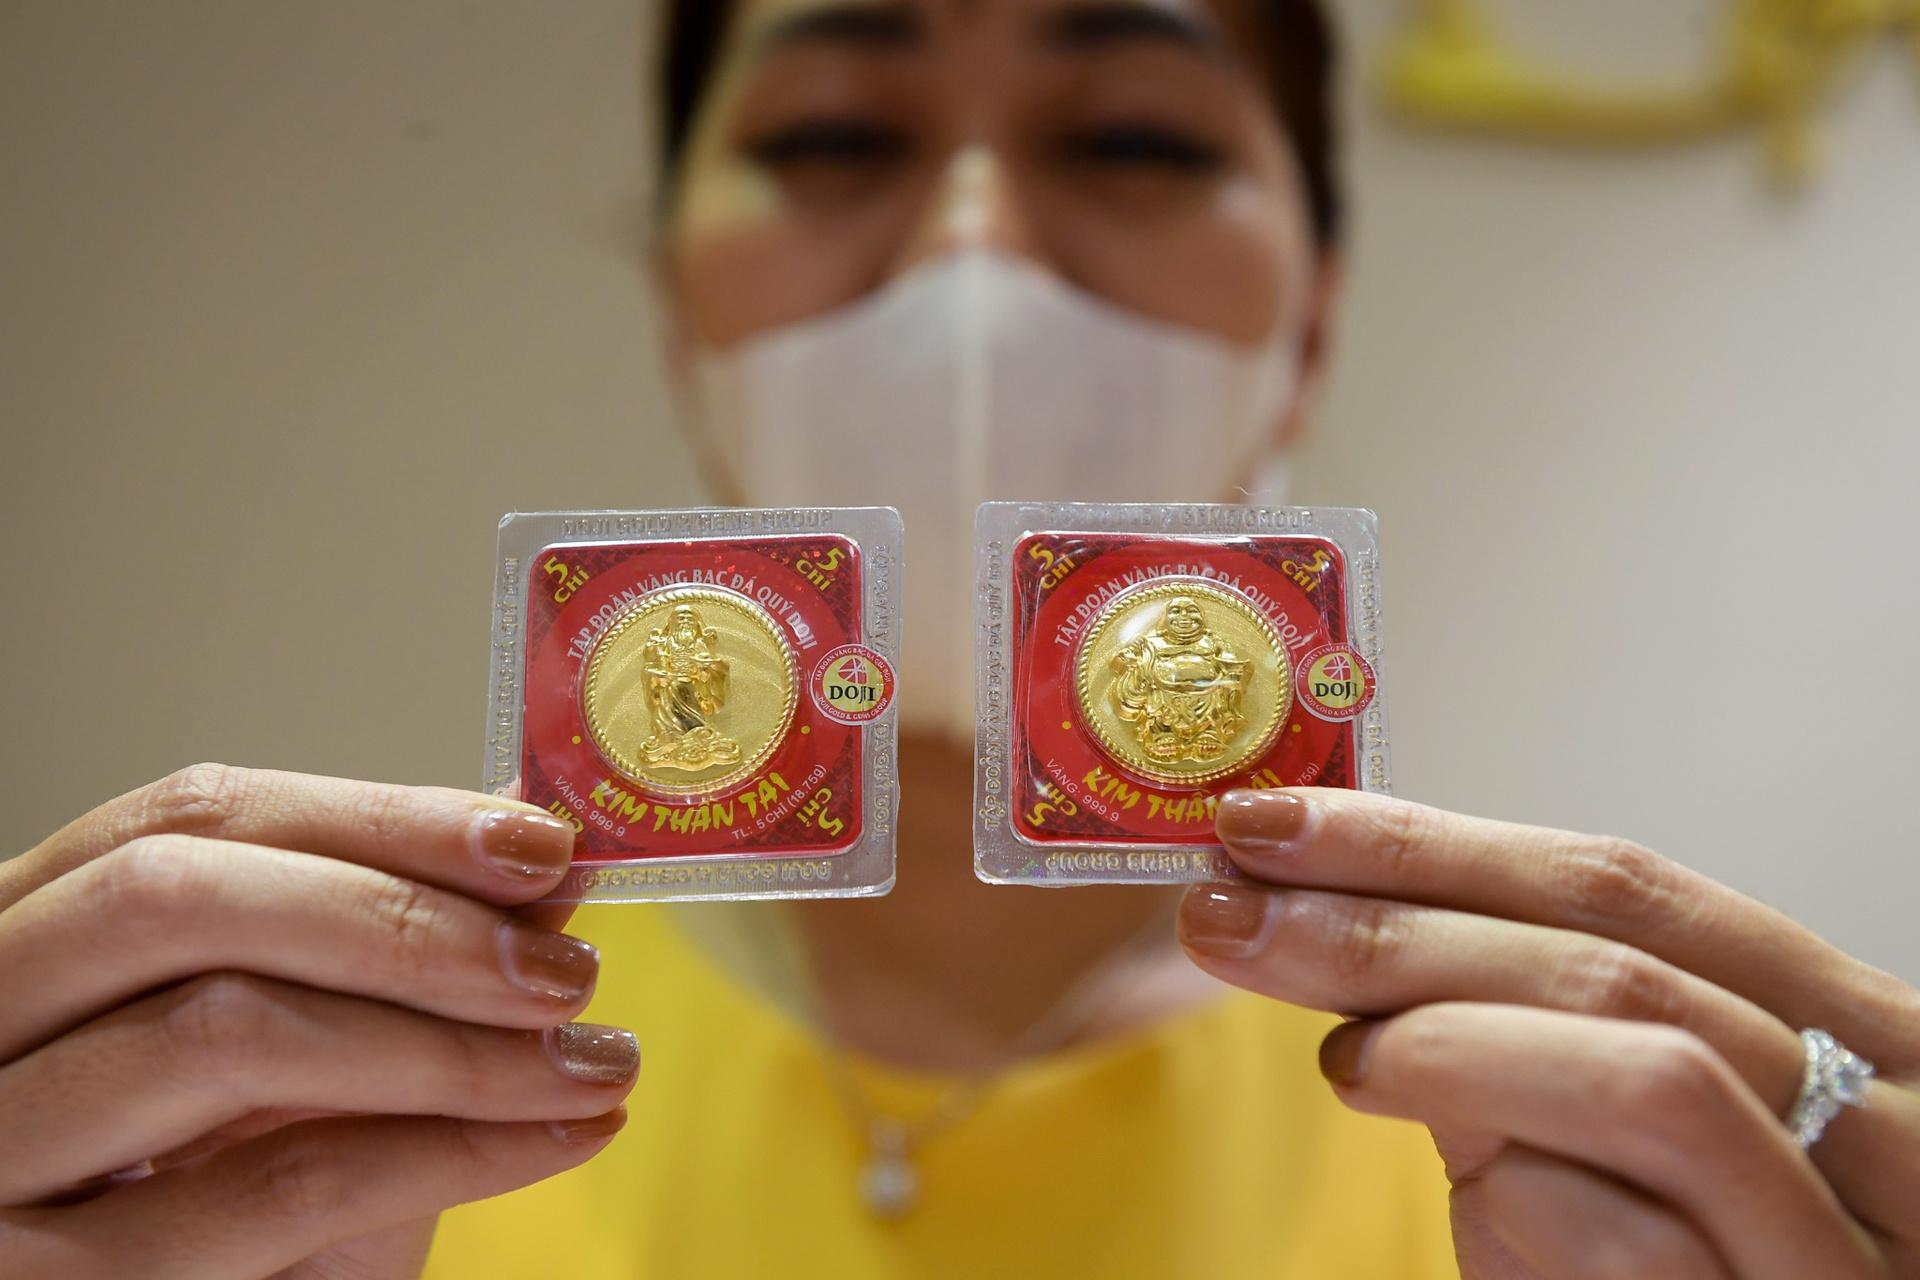 Vàng đang rớt giá mạnh ngày 4 tháng 6 năm 2021